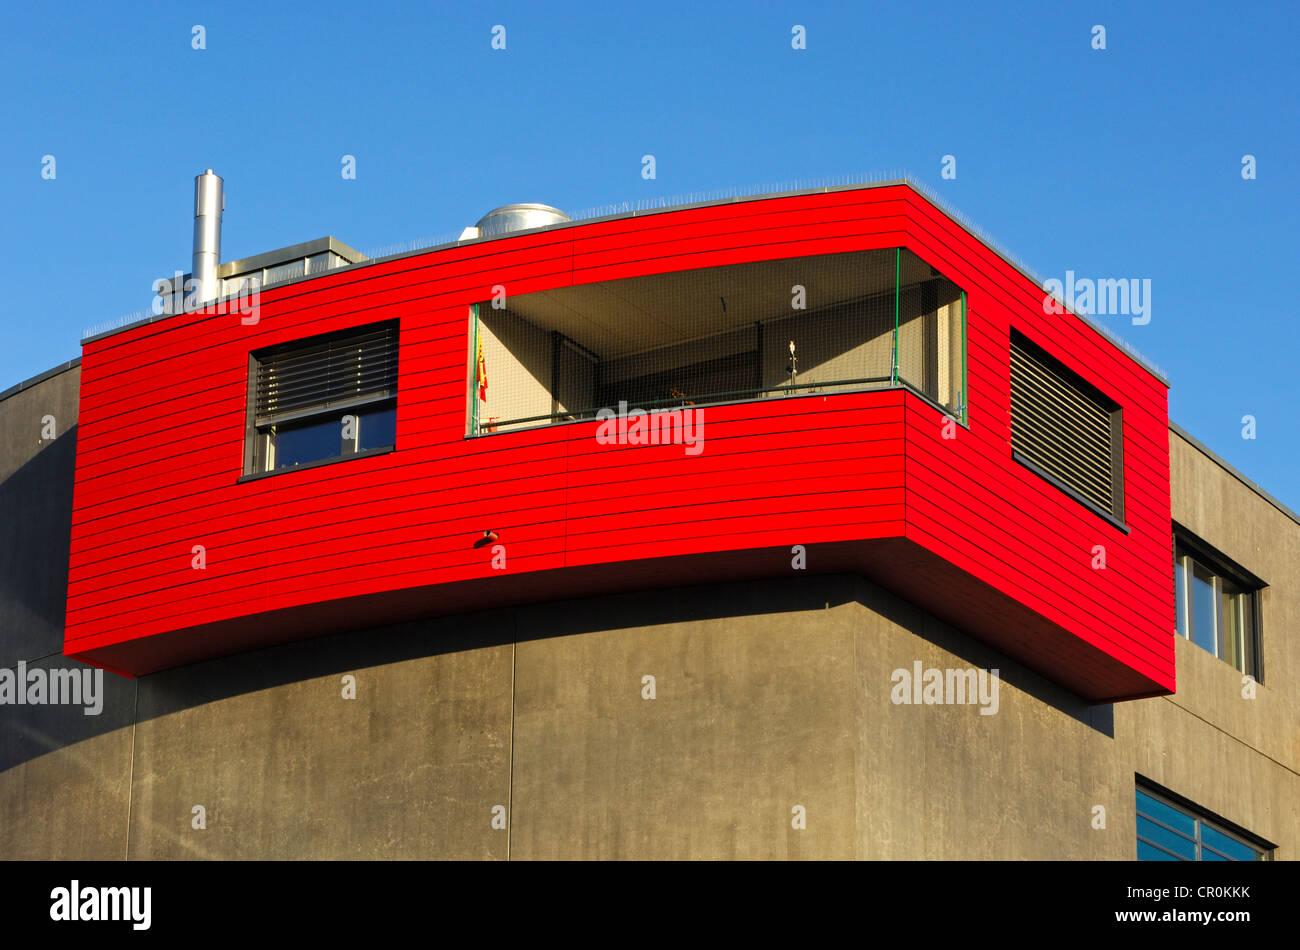 Fachada, apartamento de esquina con balcón y paneles de madera roja, College Sismondi, Ginebra, Suiza, Europa Imagen De Stock